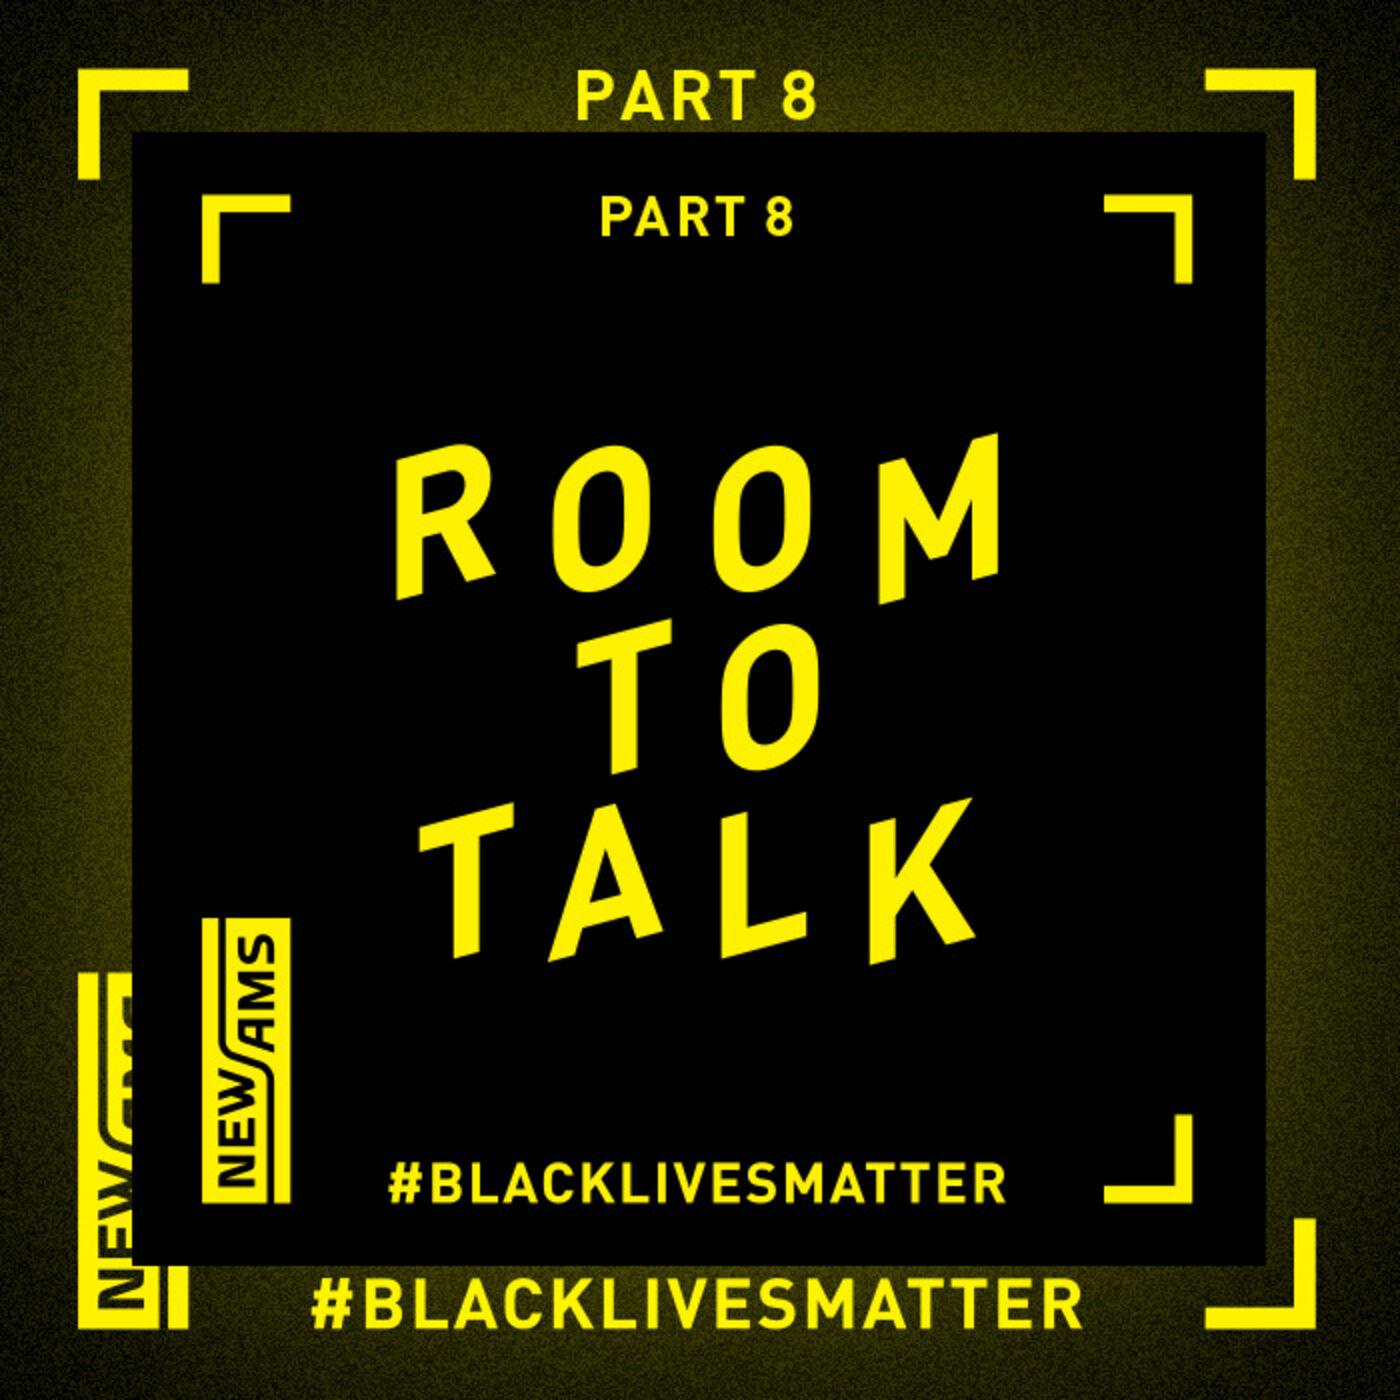 Room to Talk: Black Lives Matter Part 8